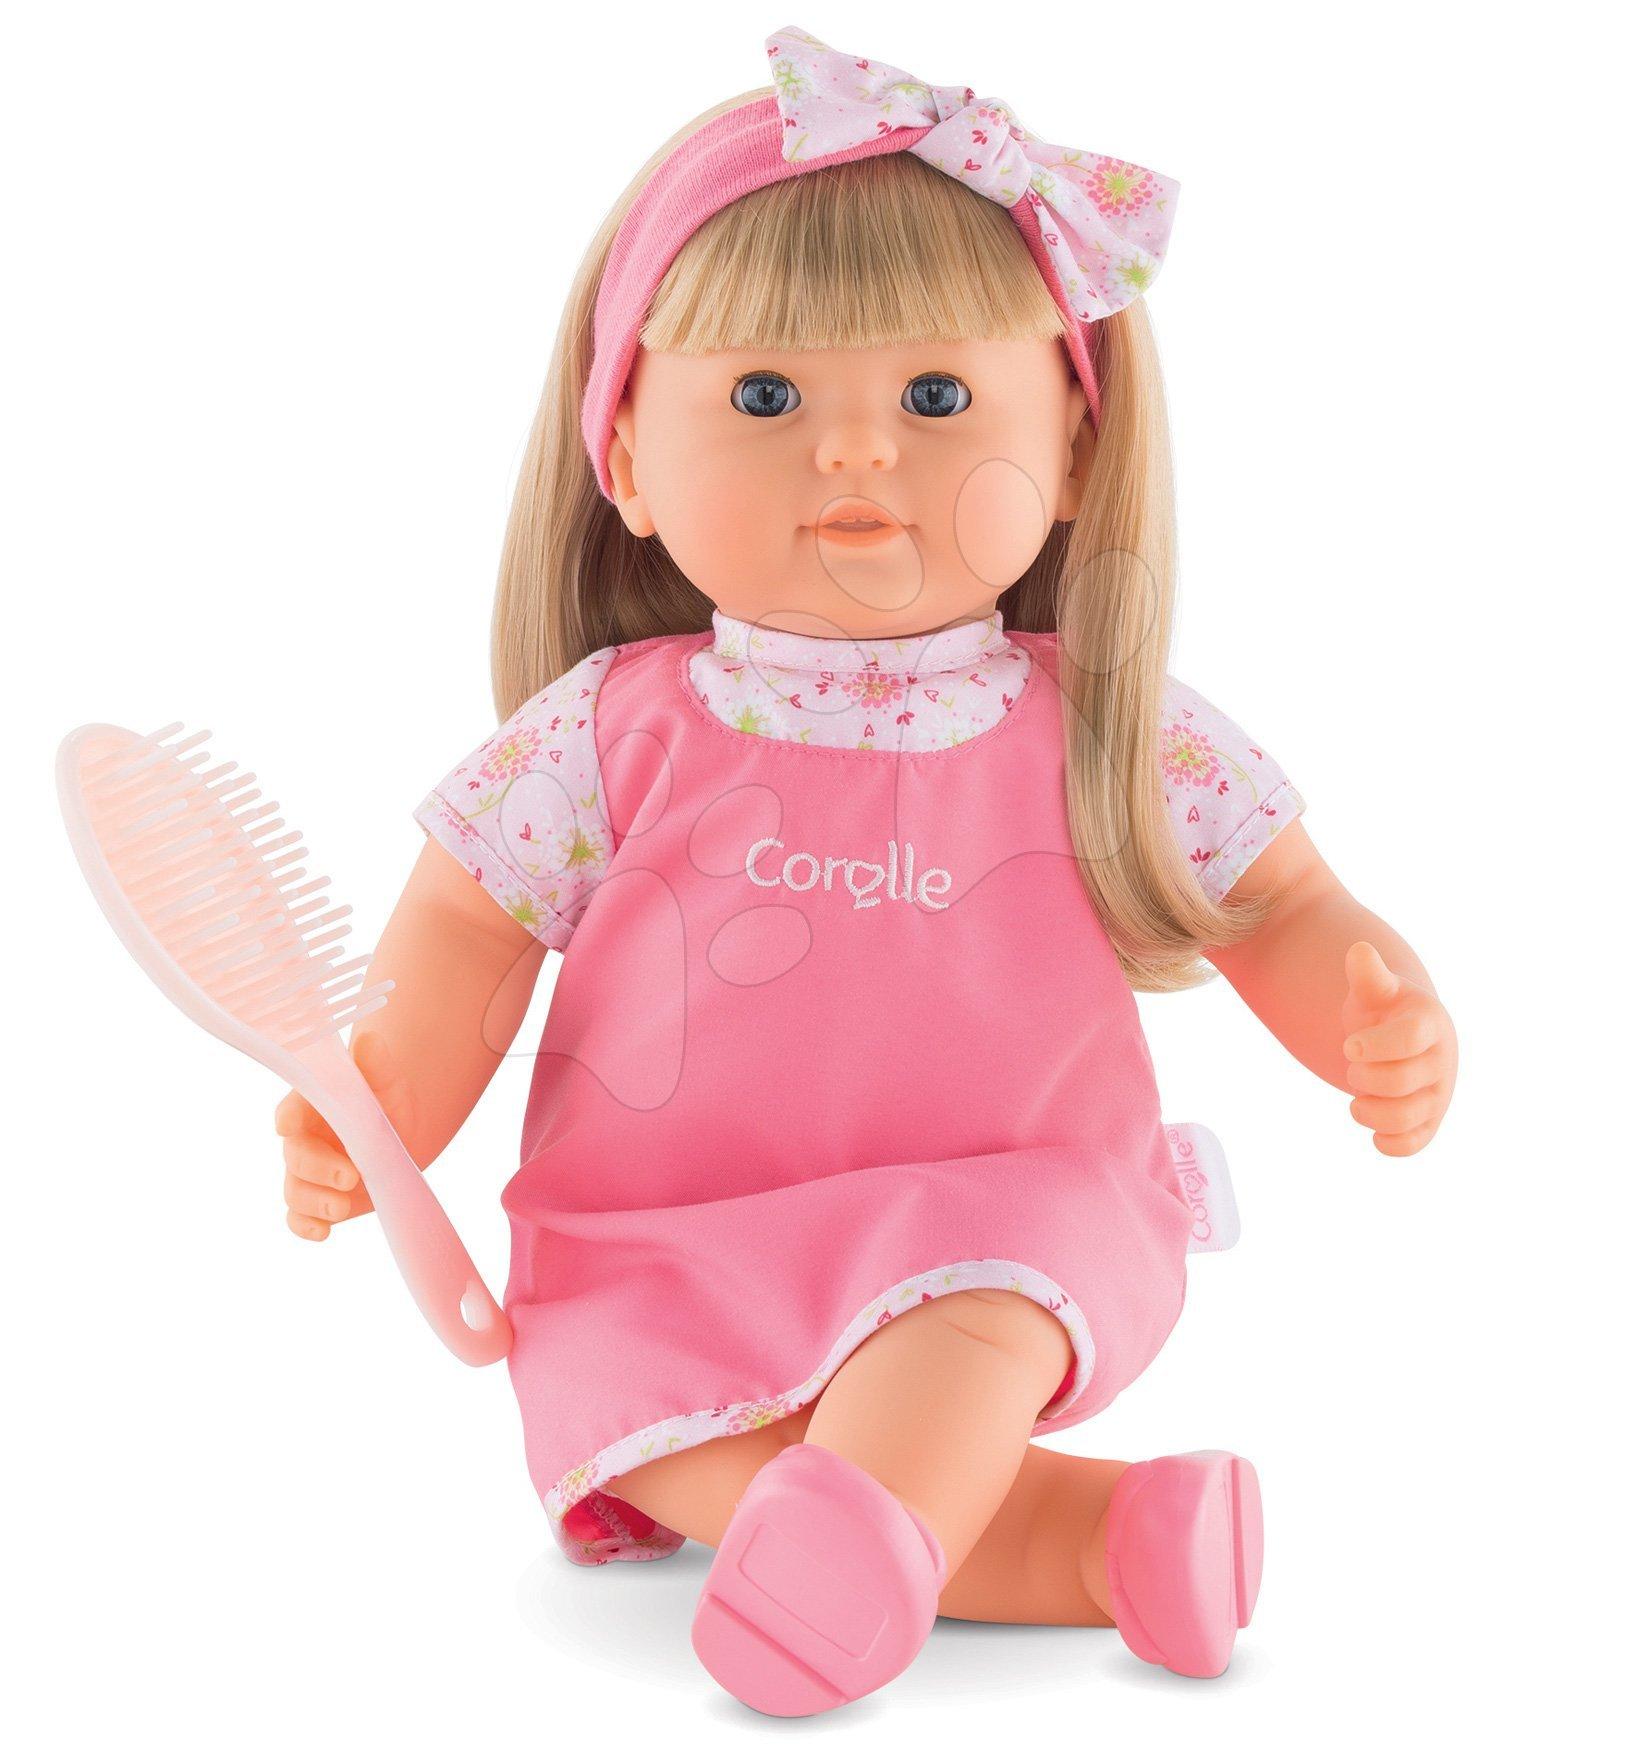 Panenky od 3 let - Panenka Adele Mon Grand Poupon Corolle 36 cm s dlouhými blond vlasy modrými mrkacími očima a hřebenem od 3 let